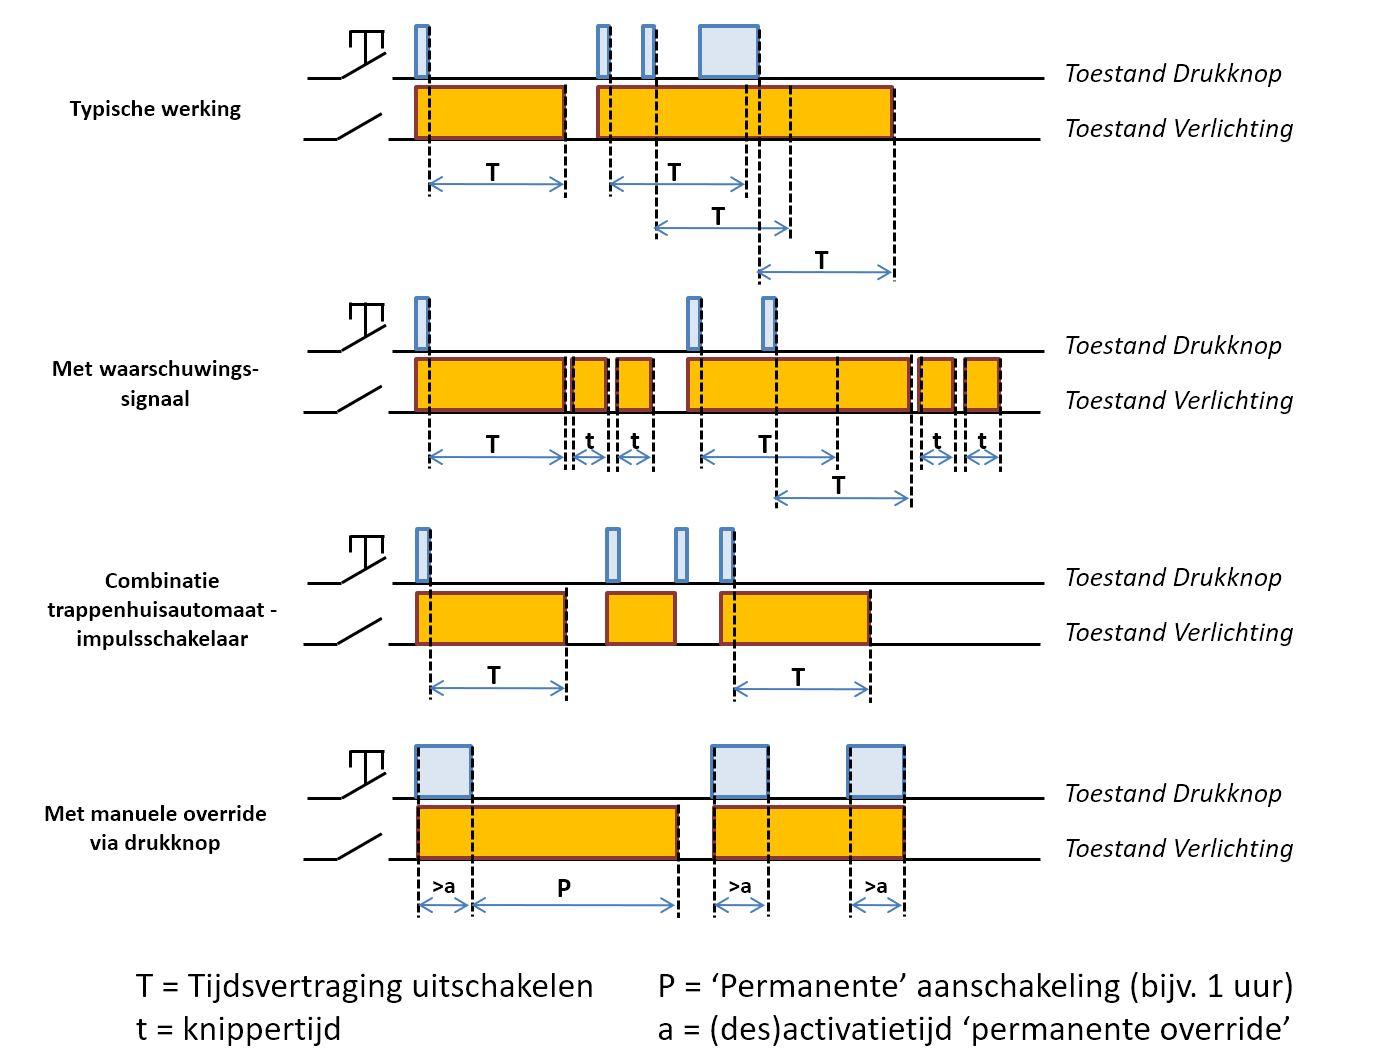 Principe-werkingsschema's van een trappenhuisautomaten via pulsdrukknopcombinatie